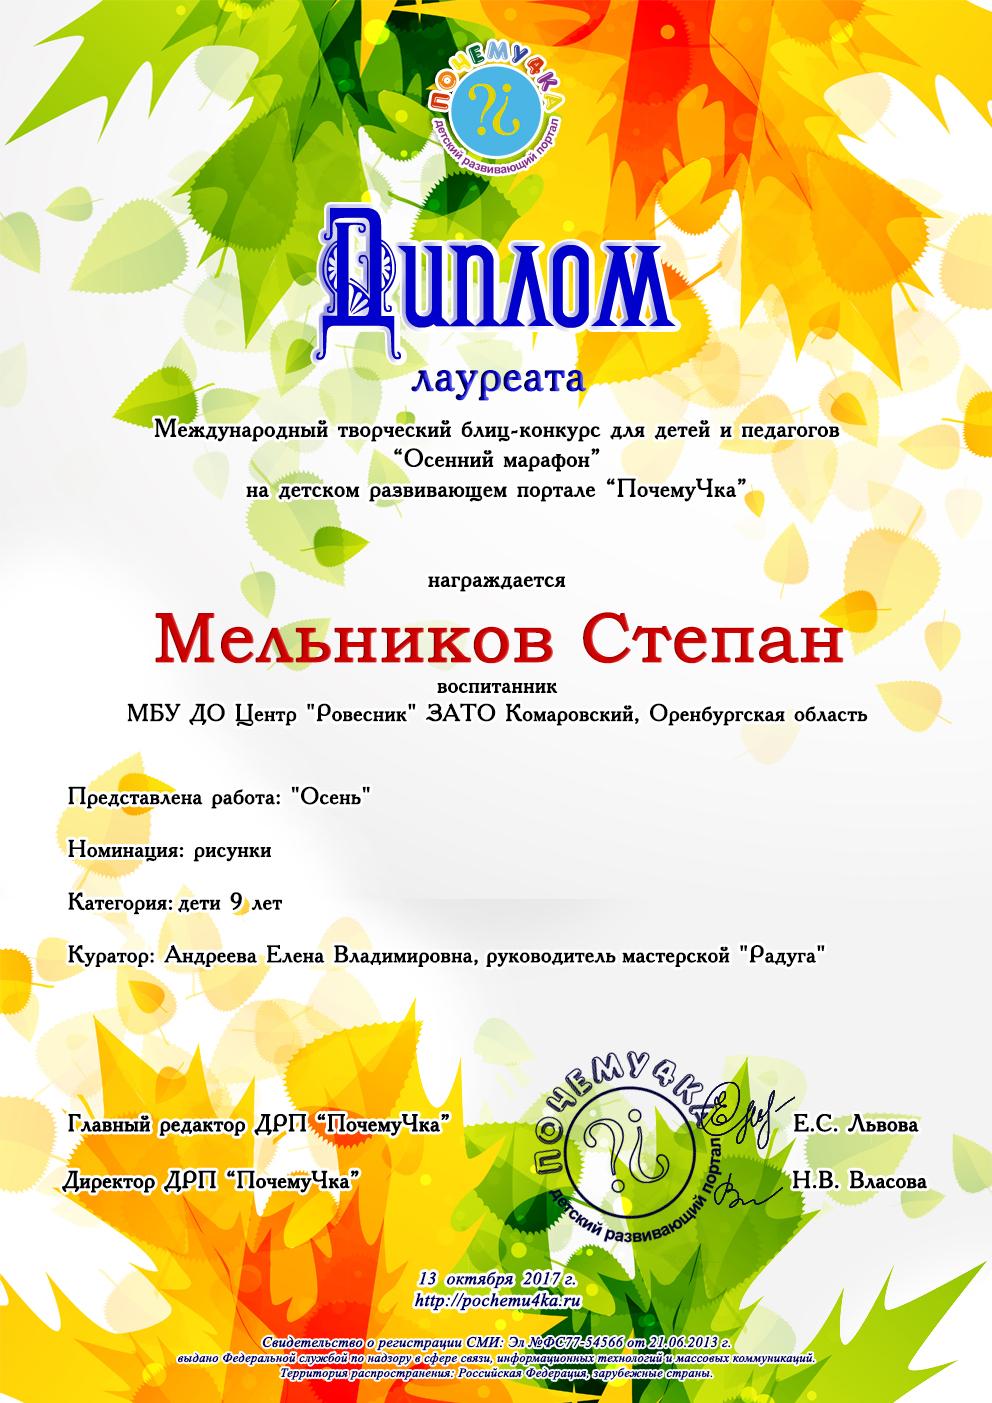 Мельников Степан